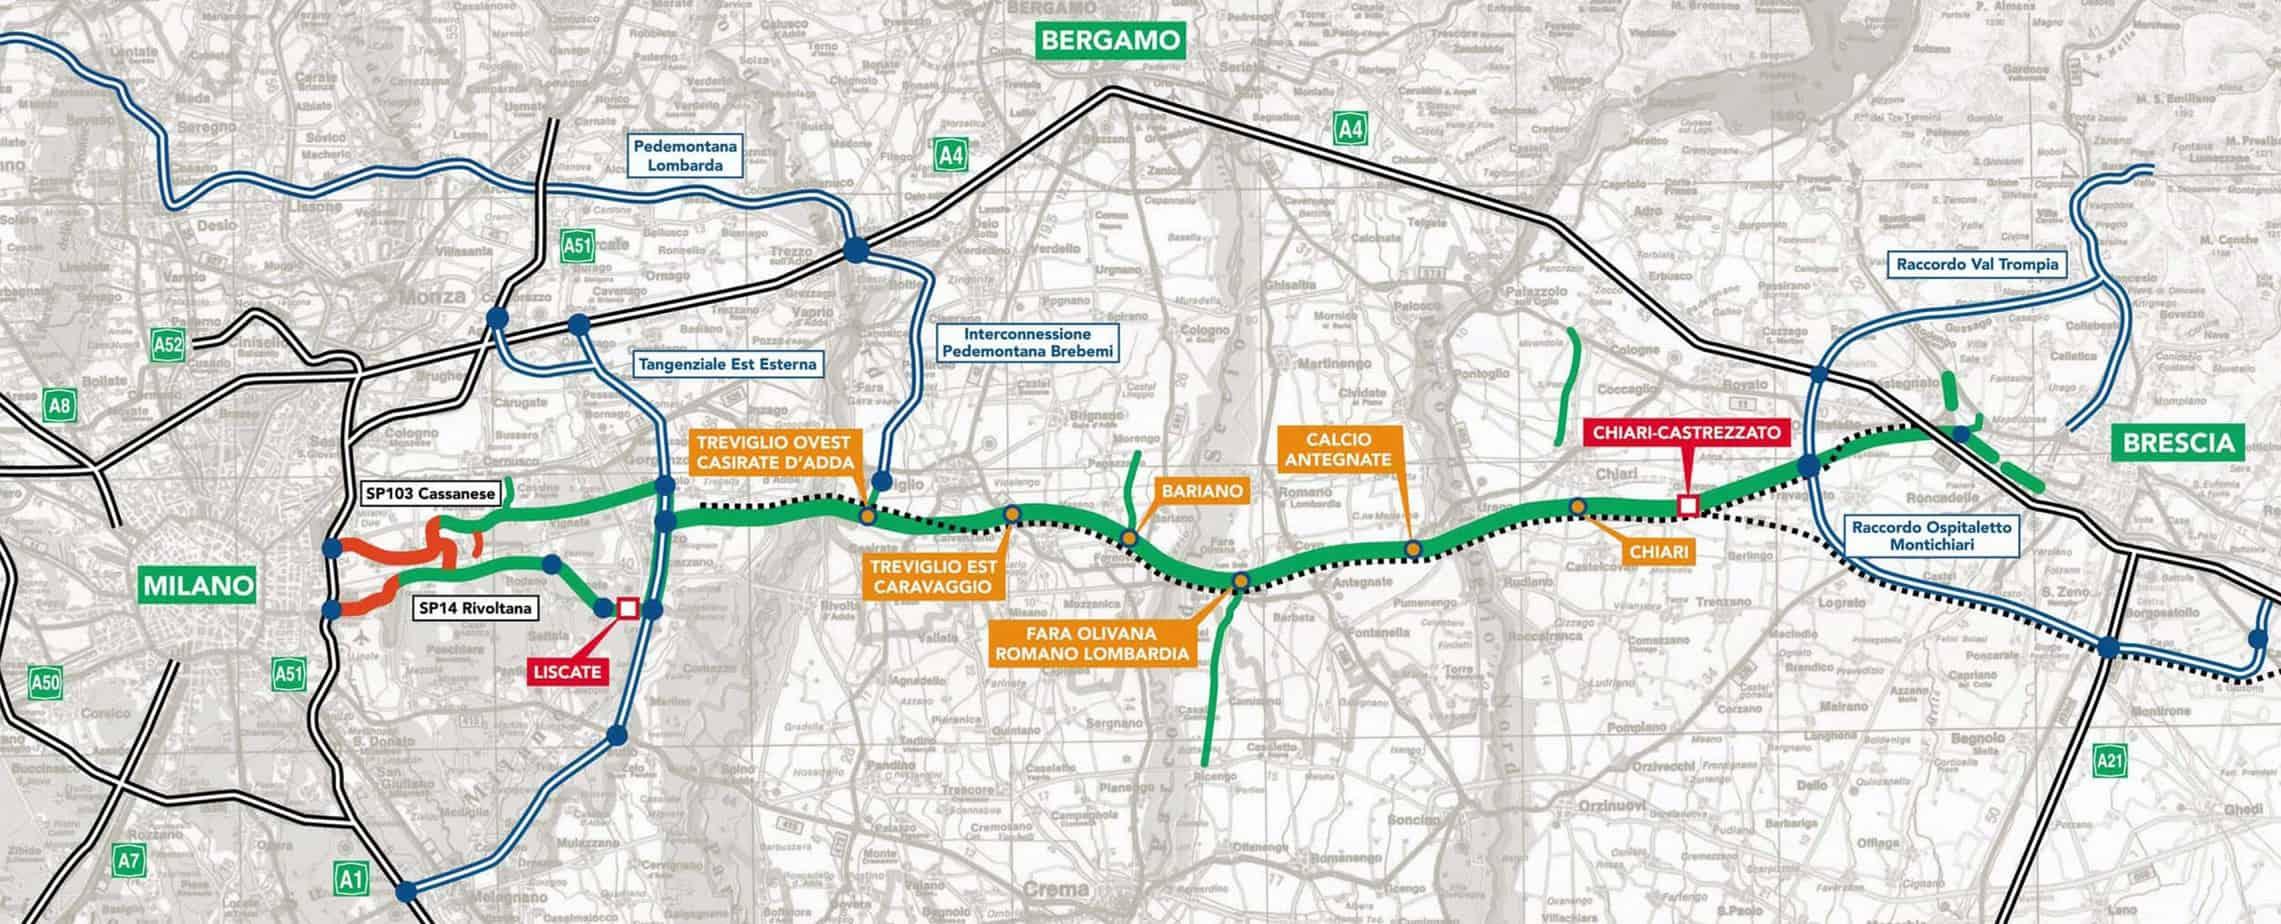 La corografia del tracciato Brebemi (collegamento autostradale diretto Brescia-Milano)